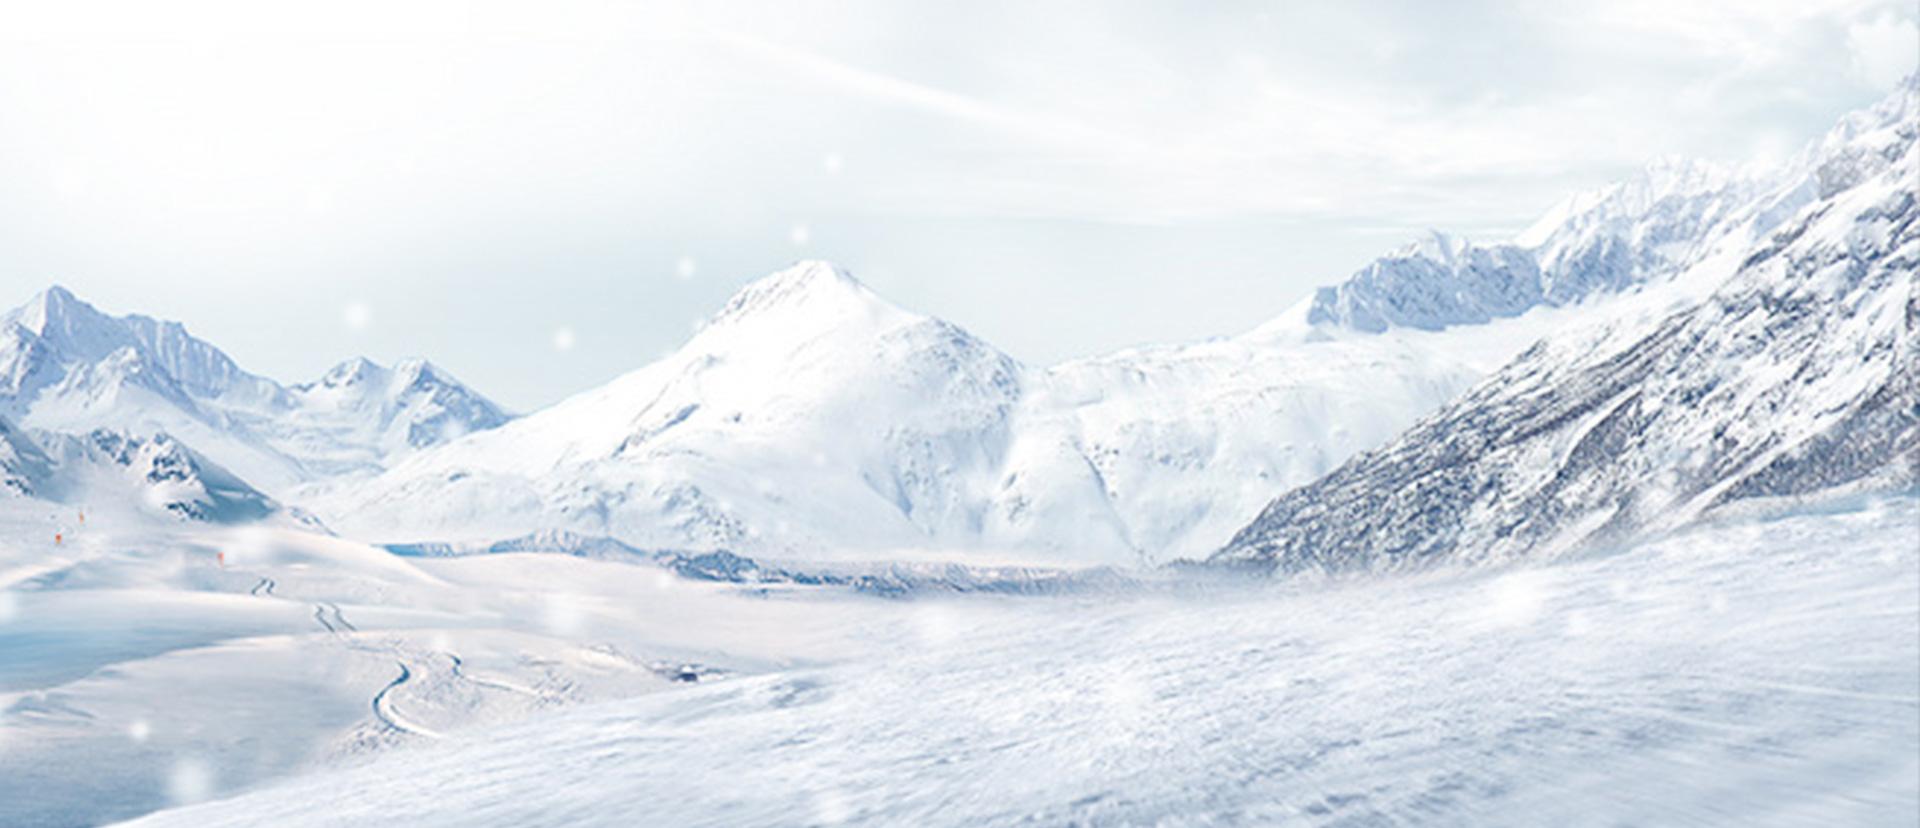 glacier la neige mountain de la glace contexte l u0026 39 hiver les